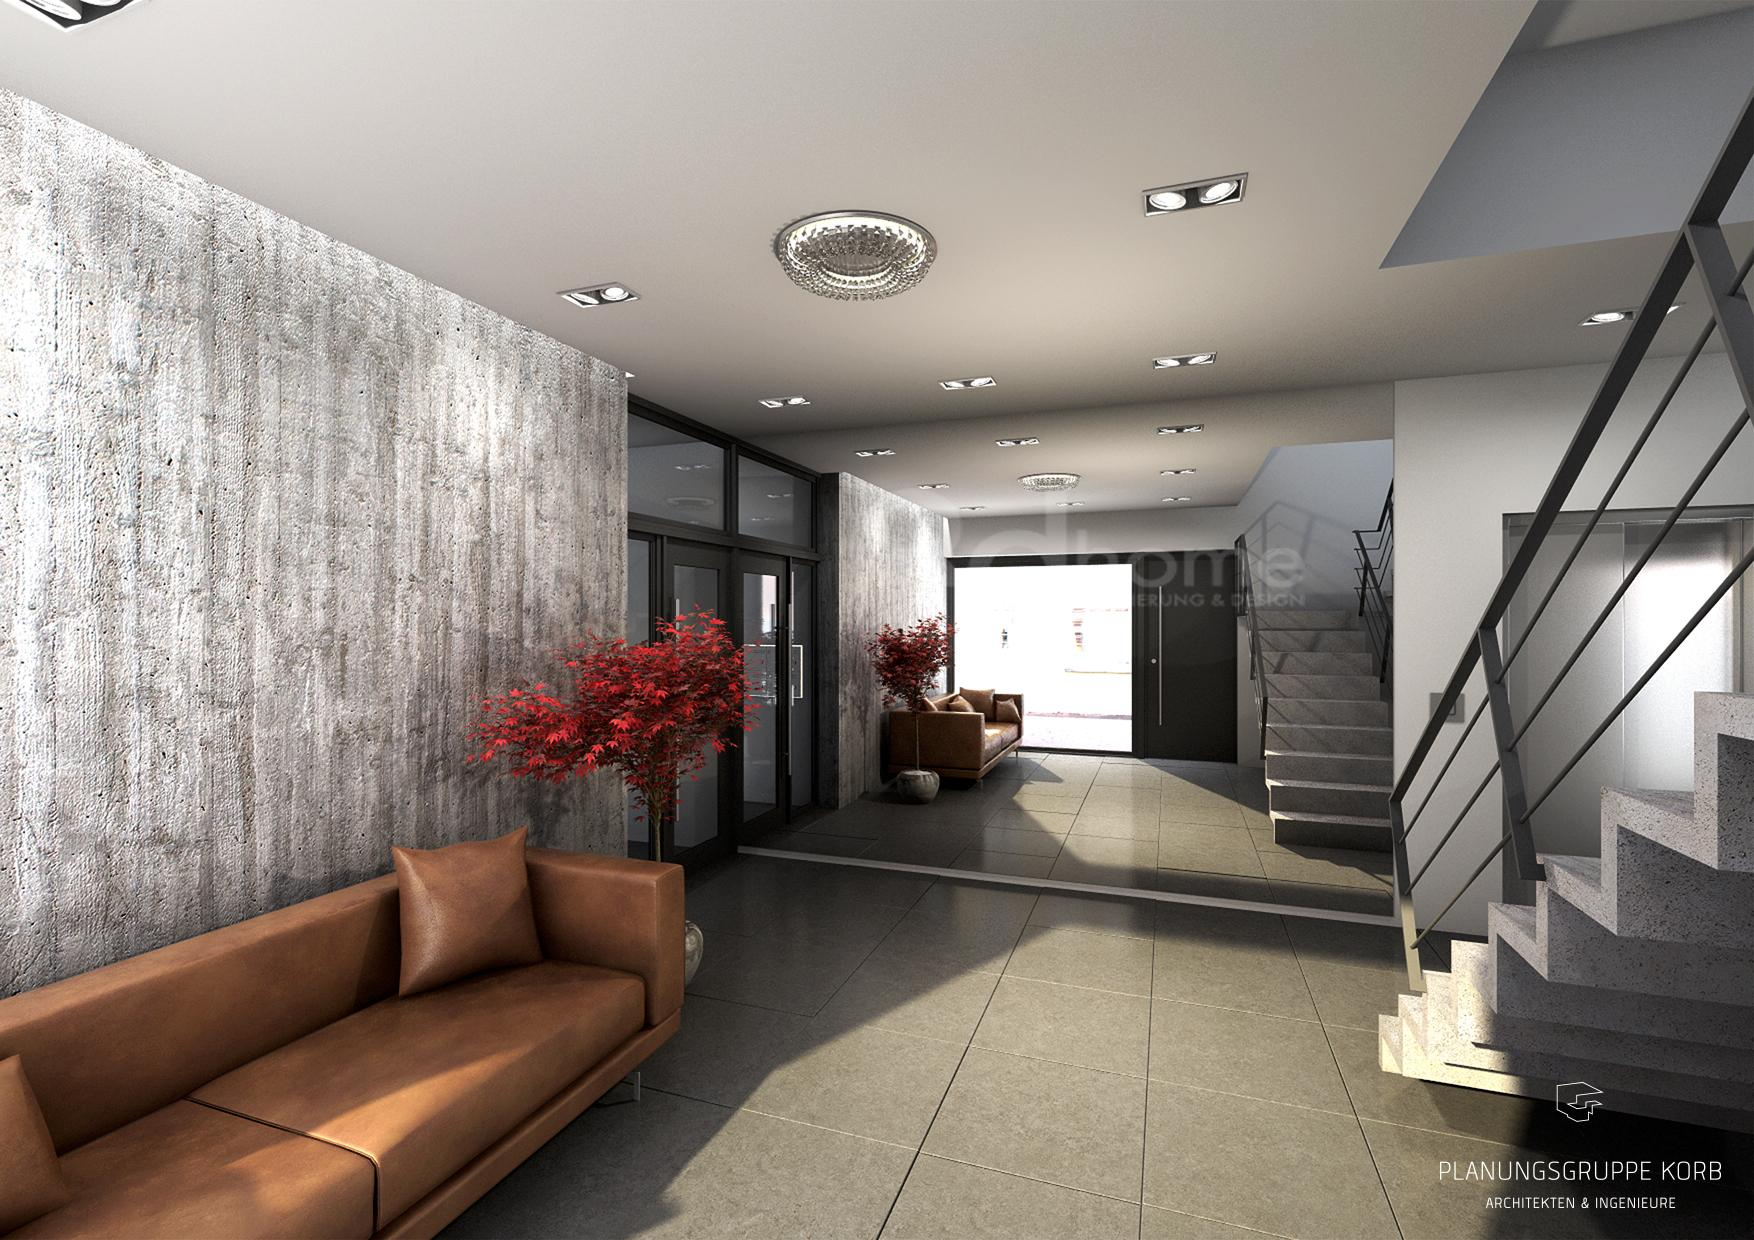 Innenarchitektur Erfurt wohnen neuerbe erfurt innenarchitektur planung couchstyle